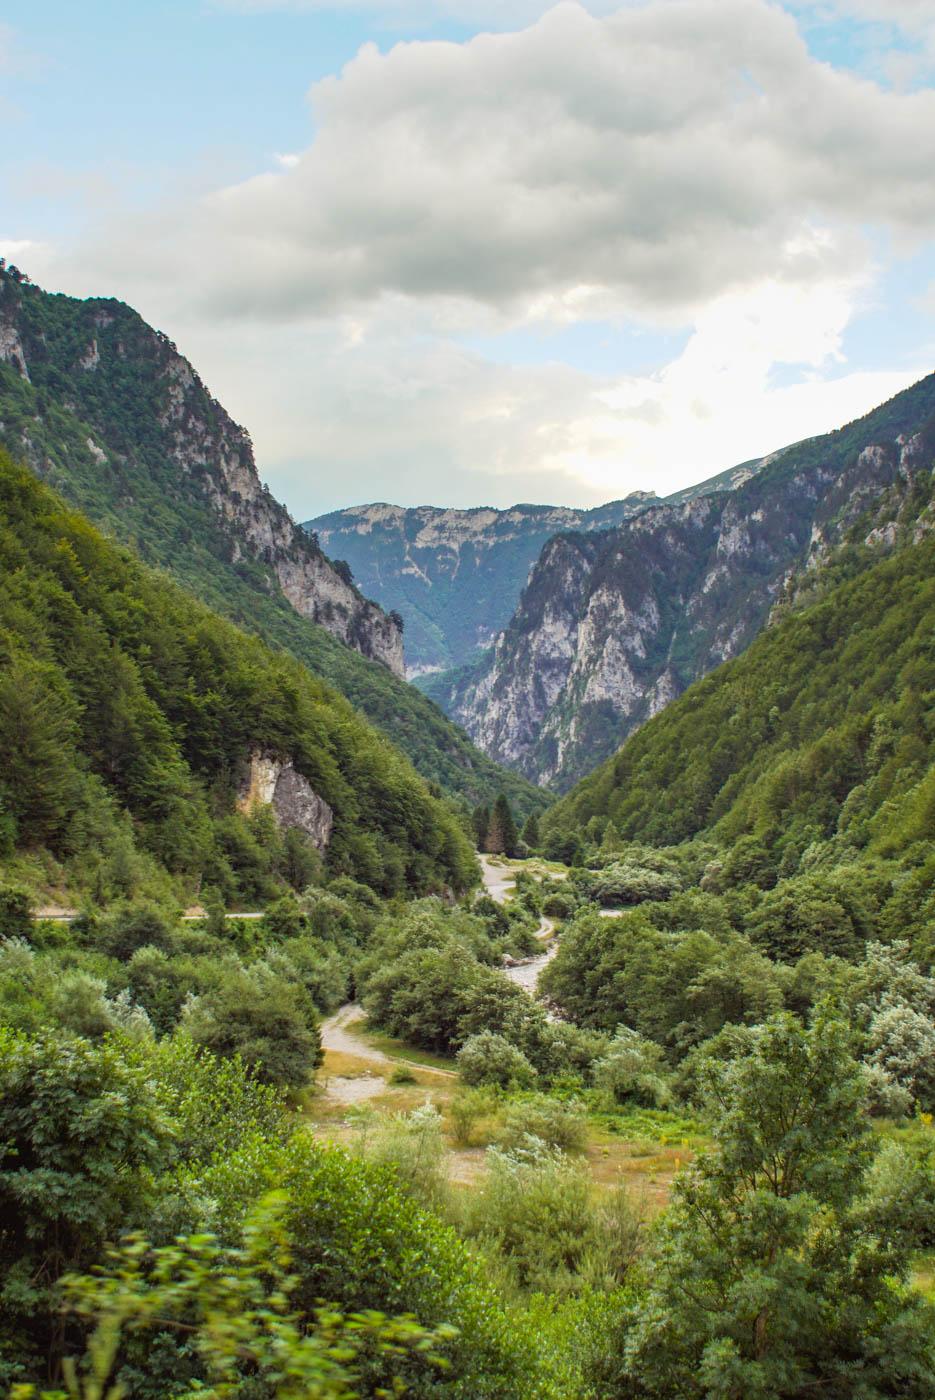 Blick auf die bewaldete Rugova Schlucht mit ihren grünen Hängen